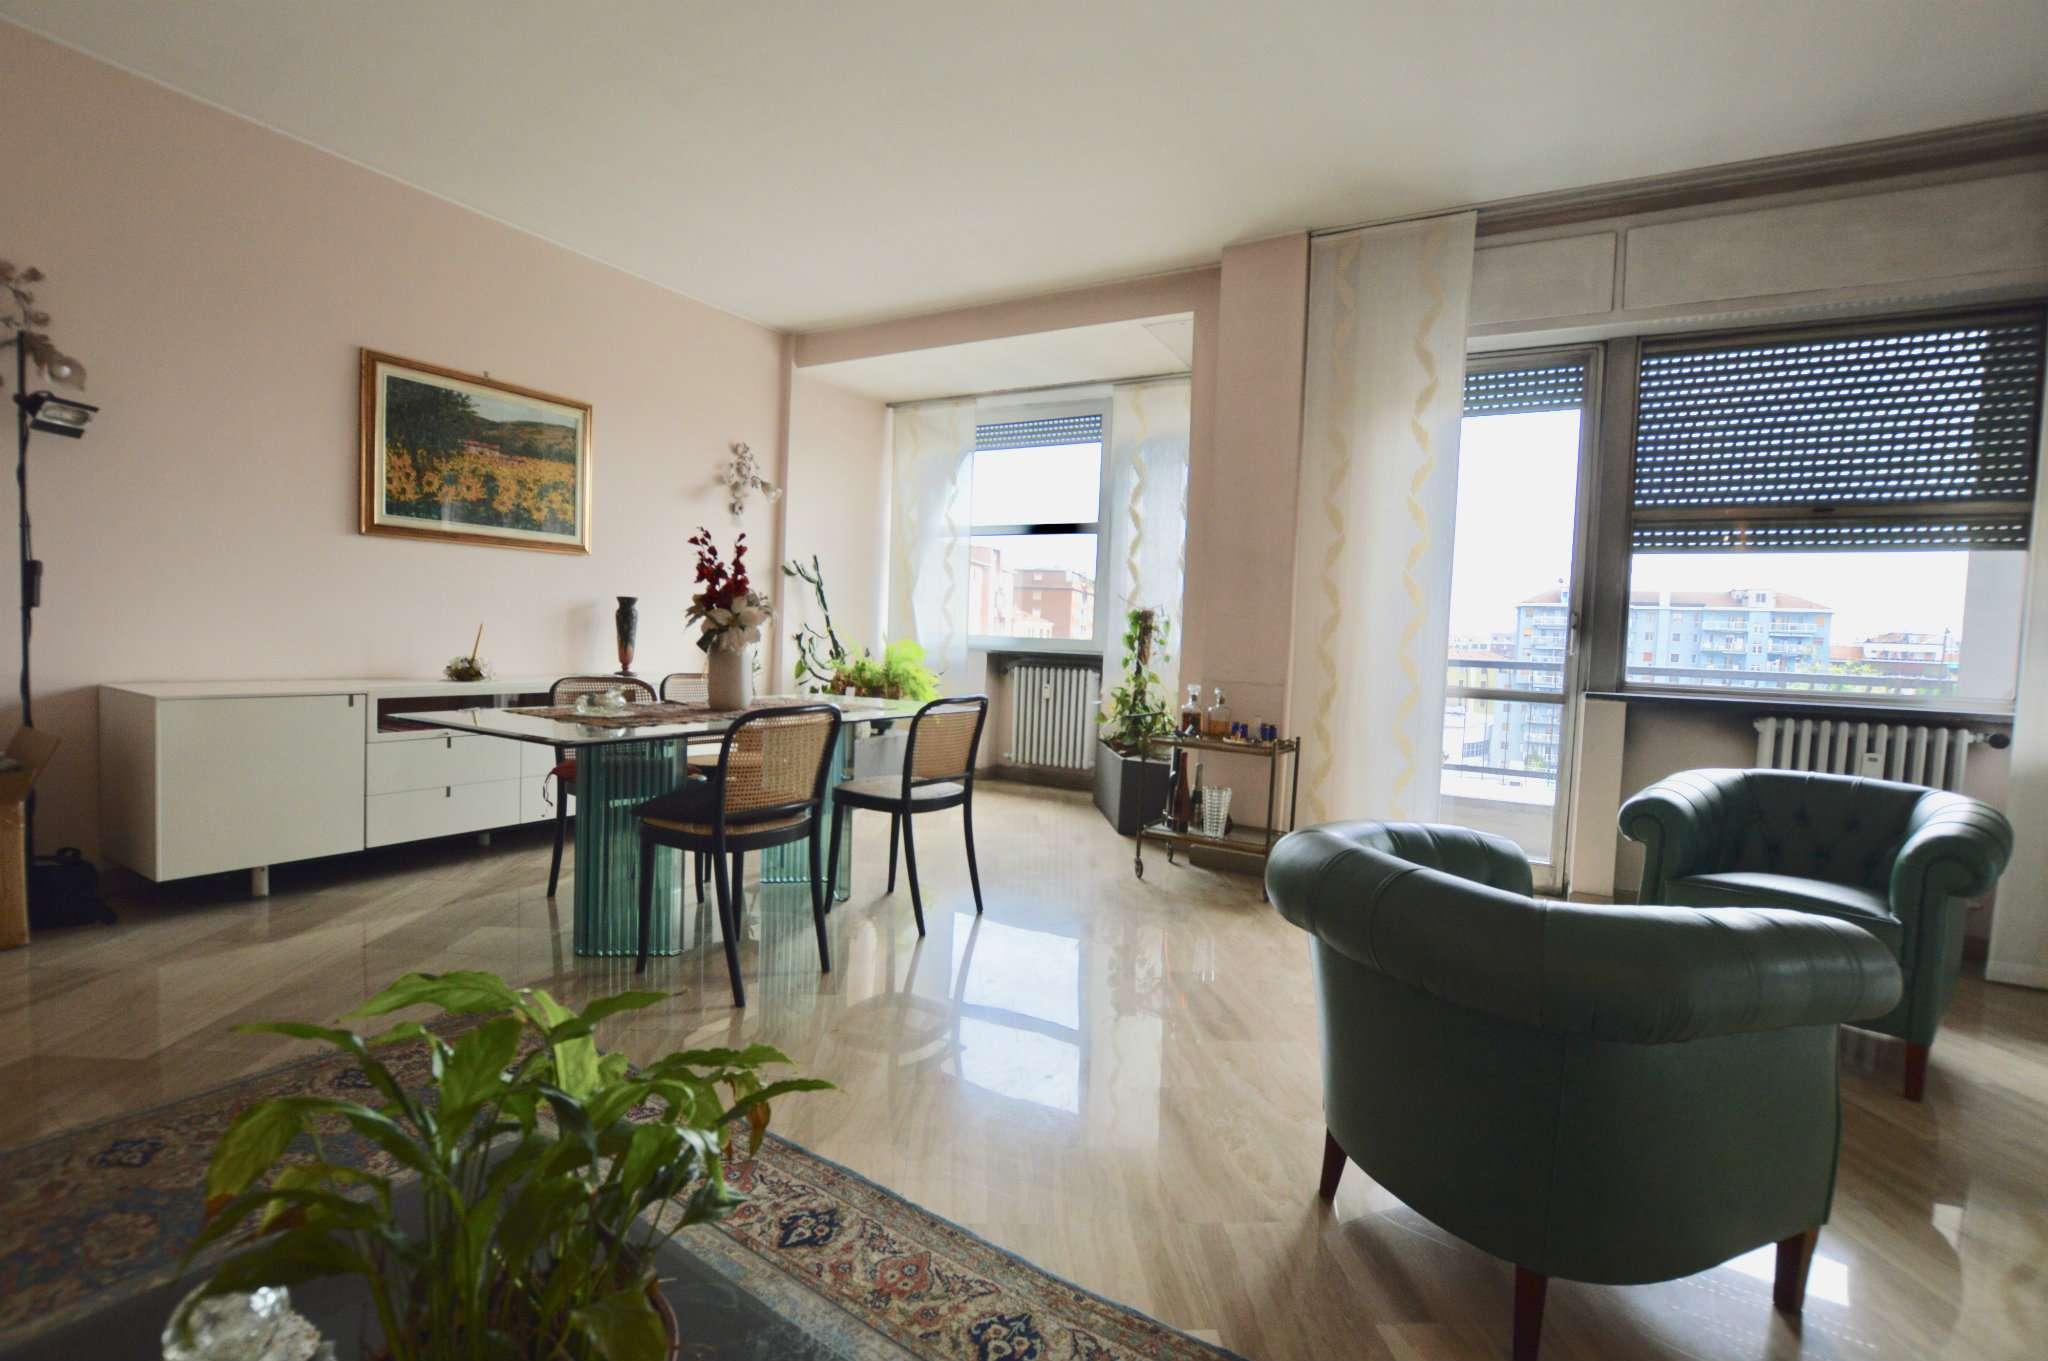 Appartamento in vendita a milano viale serra trovocasa for Viale serra milano